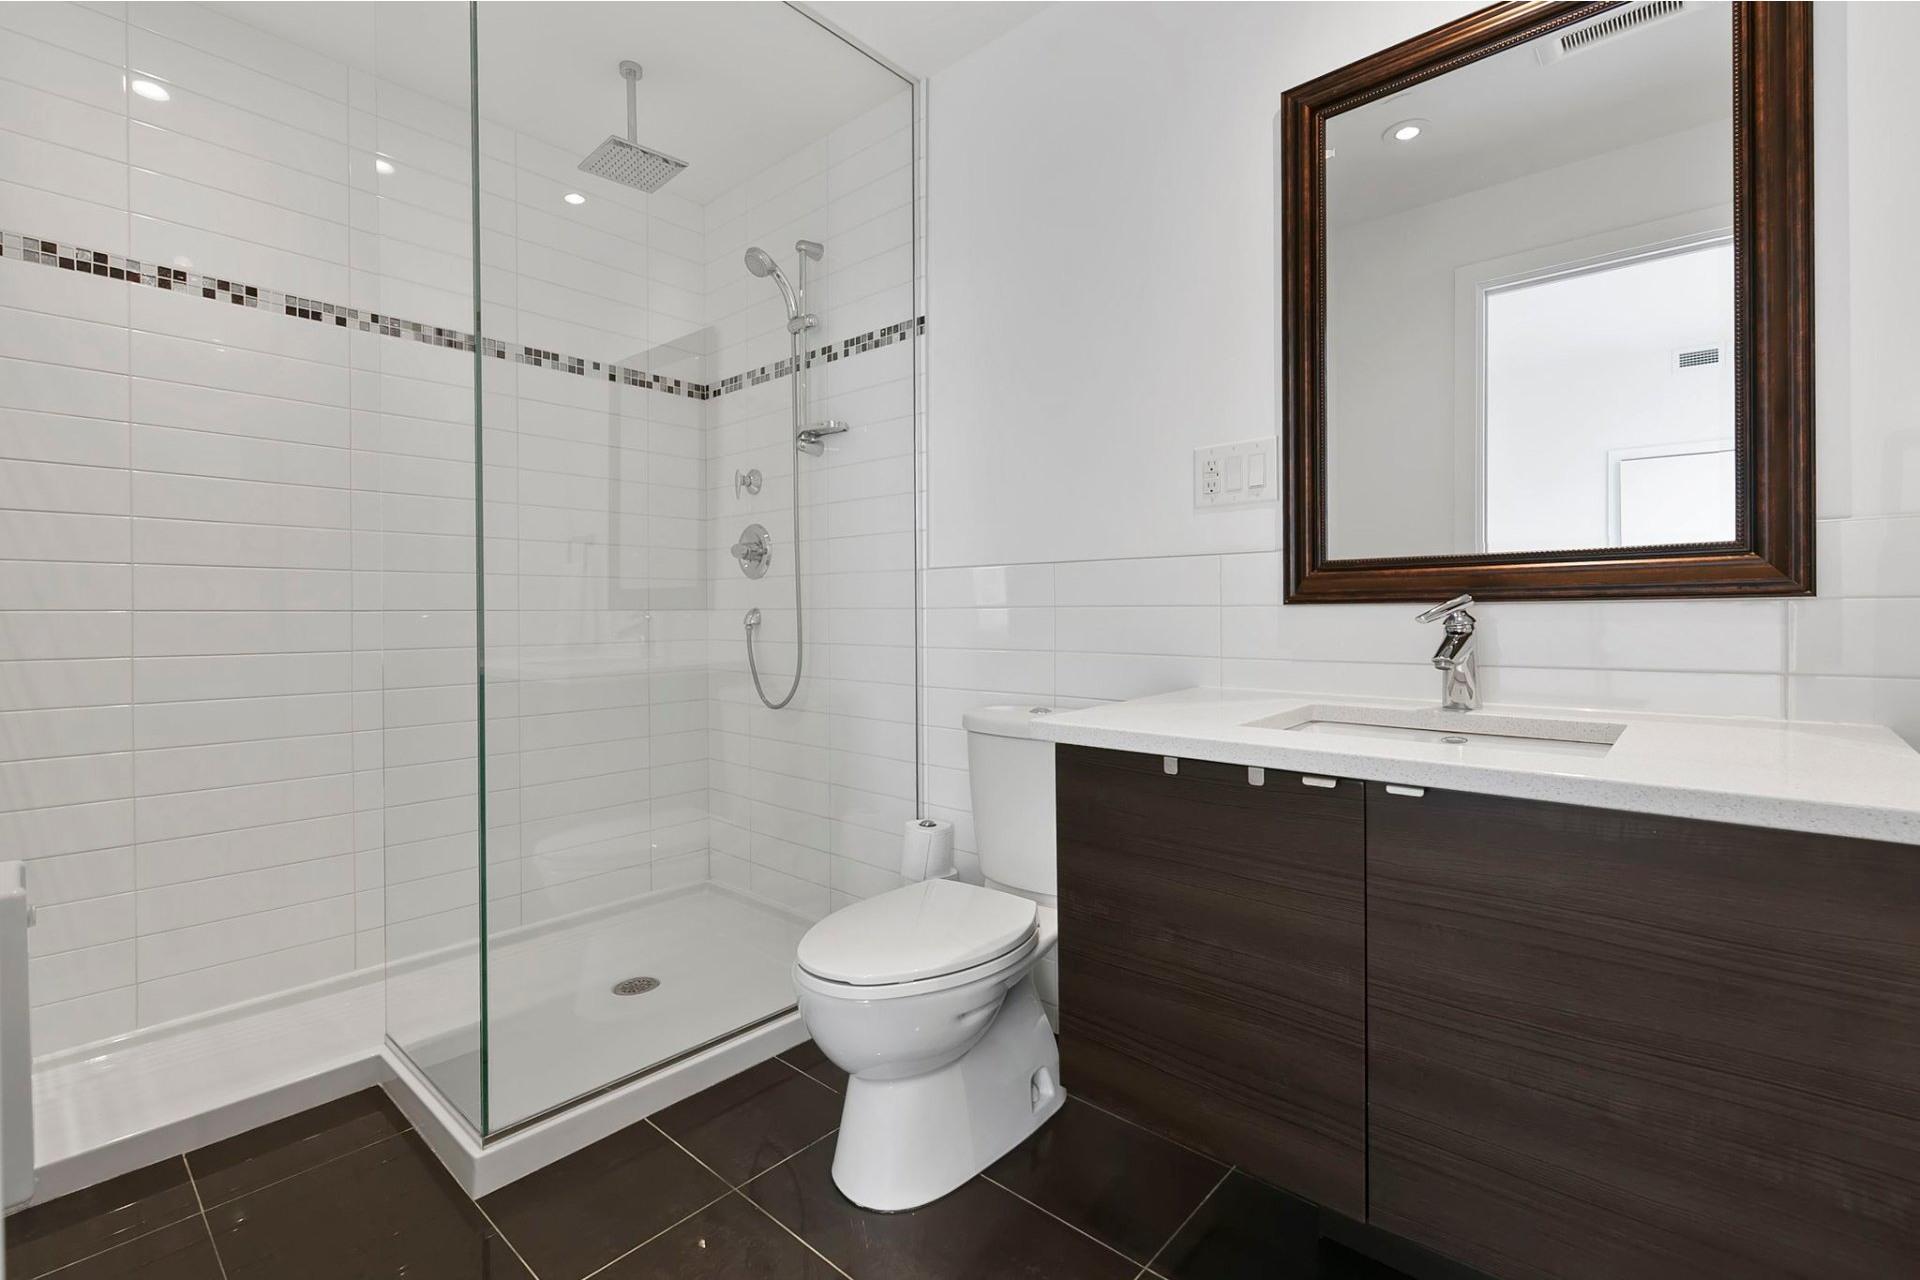 image 5 - Apartment For sale Côte-des-Neiges/Notre-Dame-de-Grâce Montréal  - 8 rooms